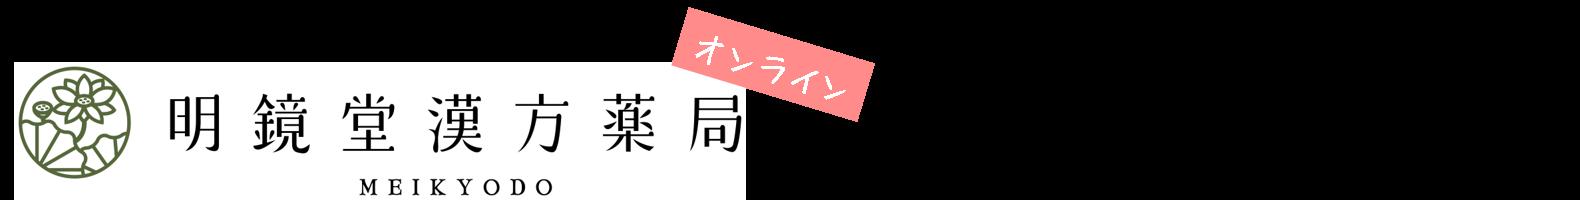 明鏡堂漢方薬局オンライン